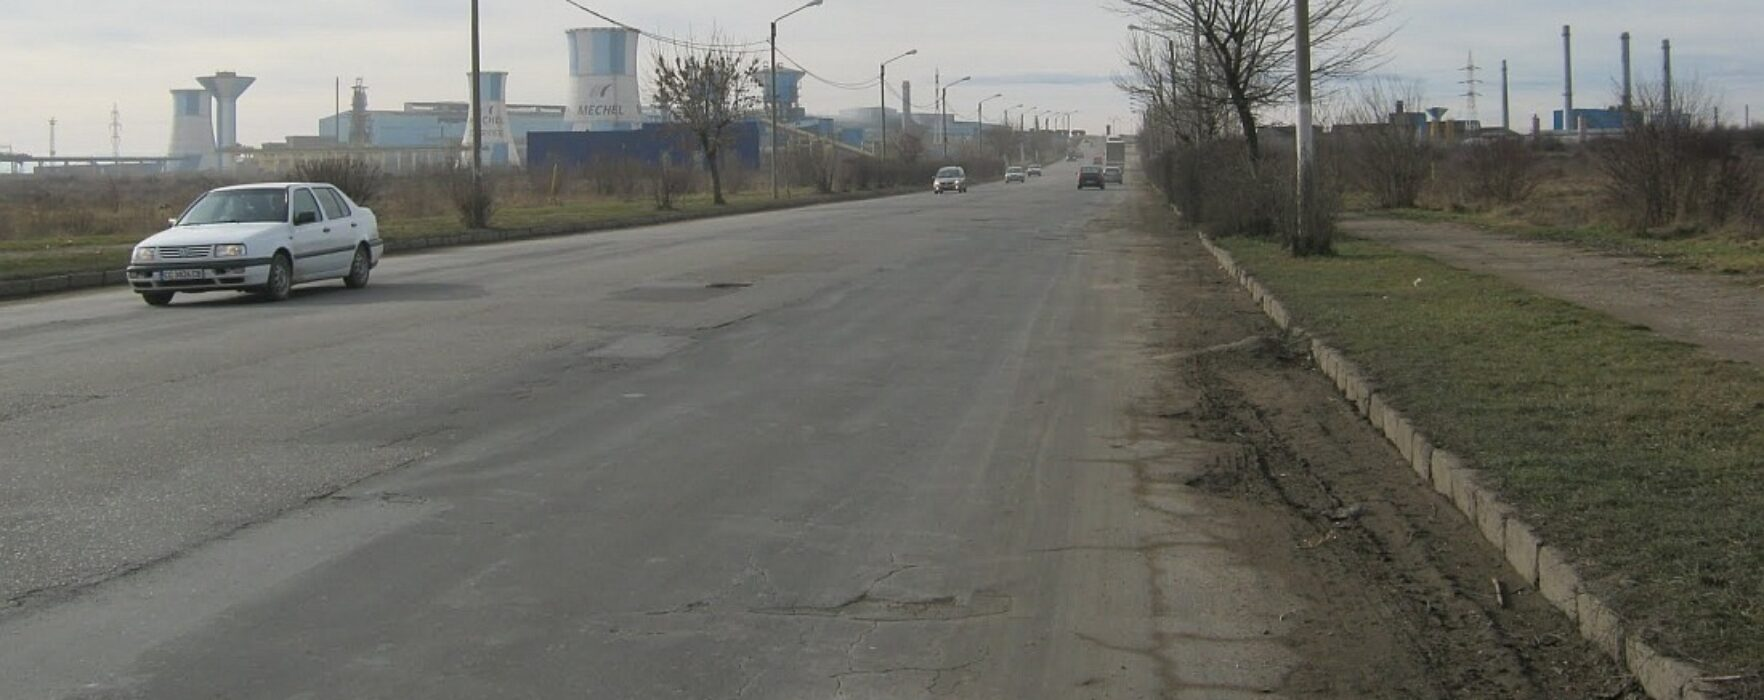 Centura ocolitoare a Târgoviştei, proiect european cu risc de implementare